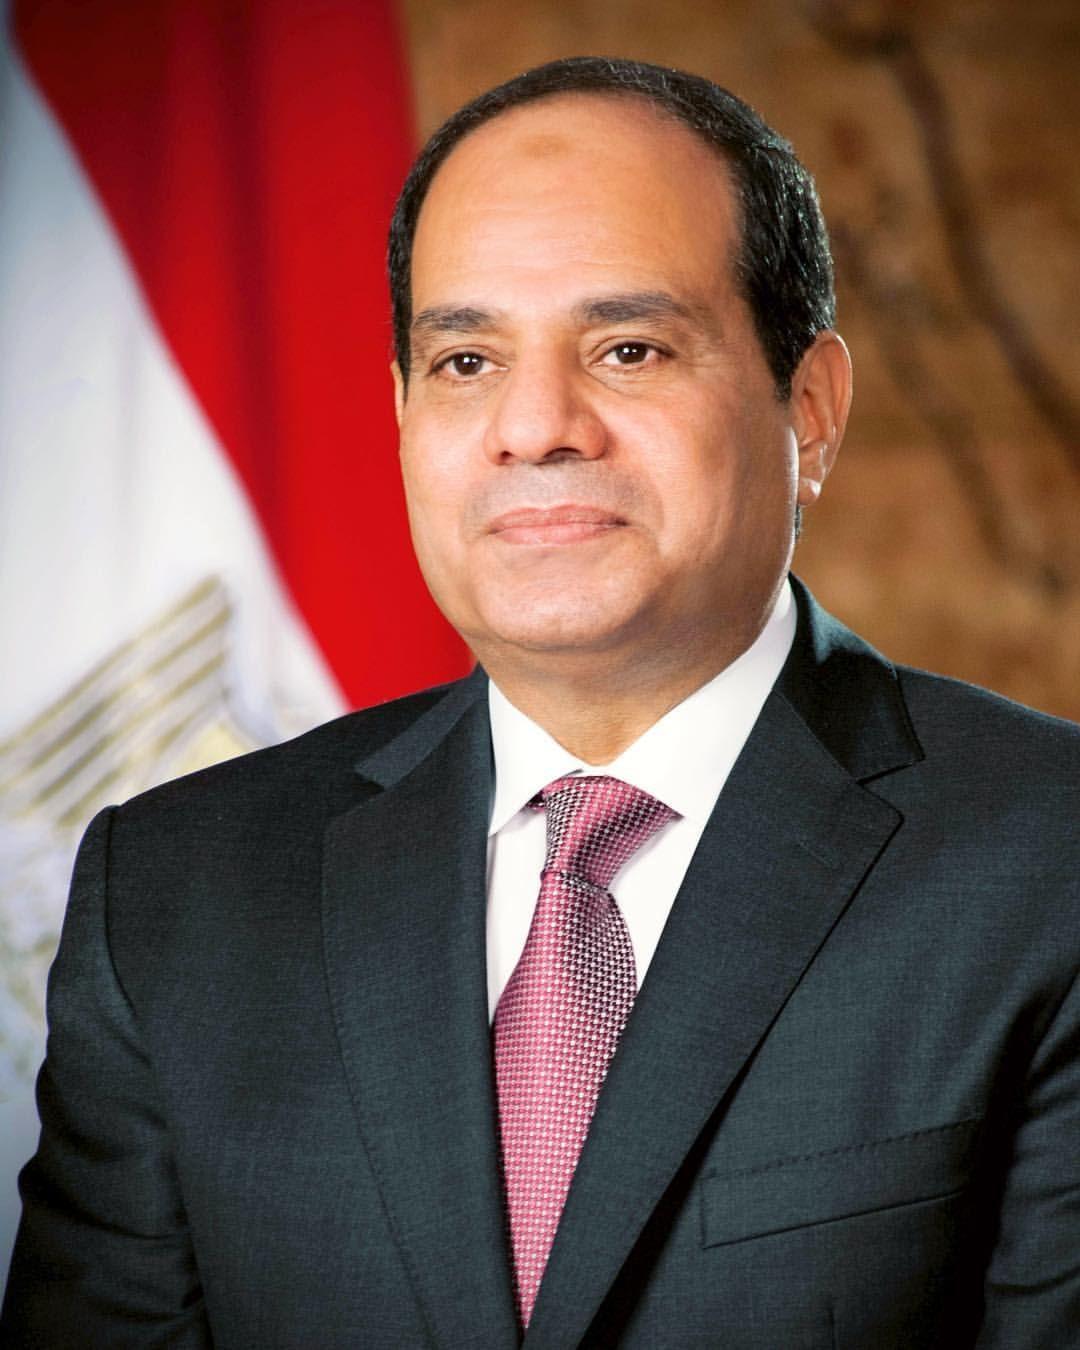 الرئيس عبد الفتاح السيسي تحيا مصر Instagram posts